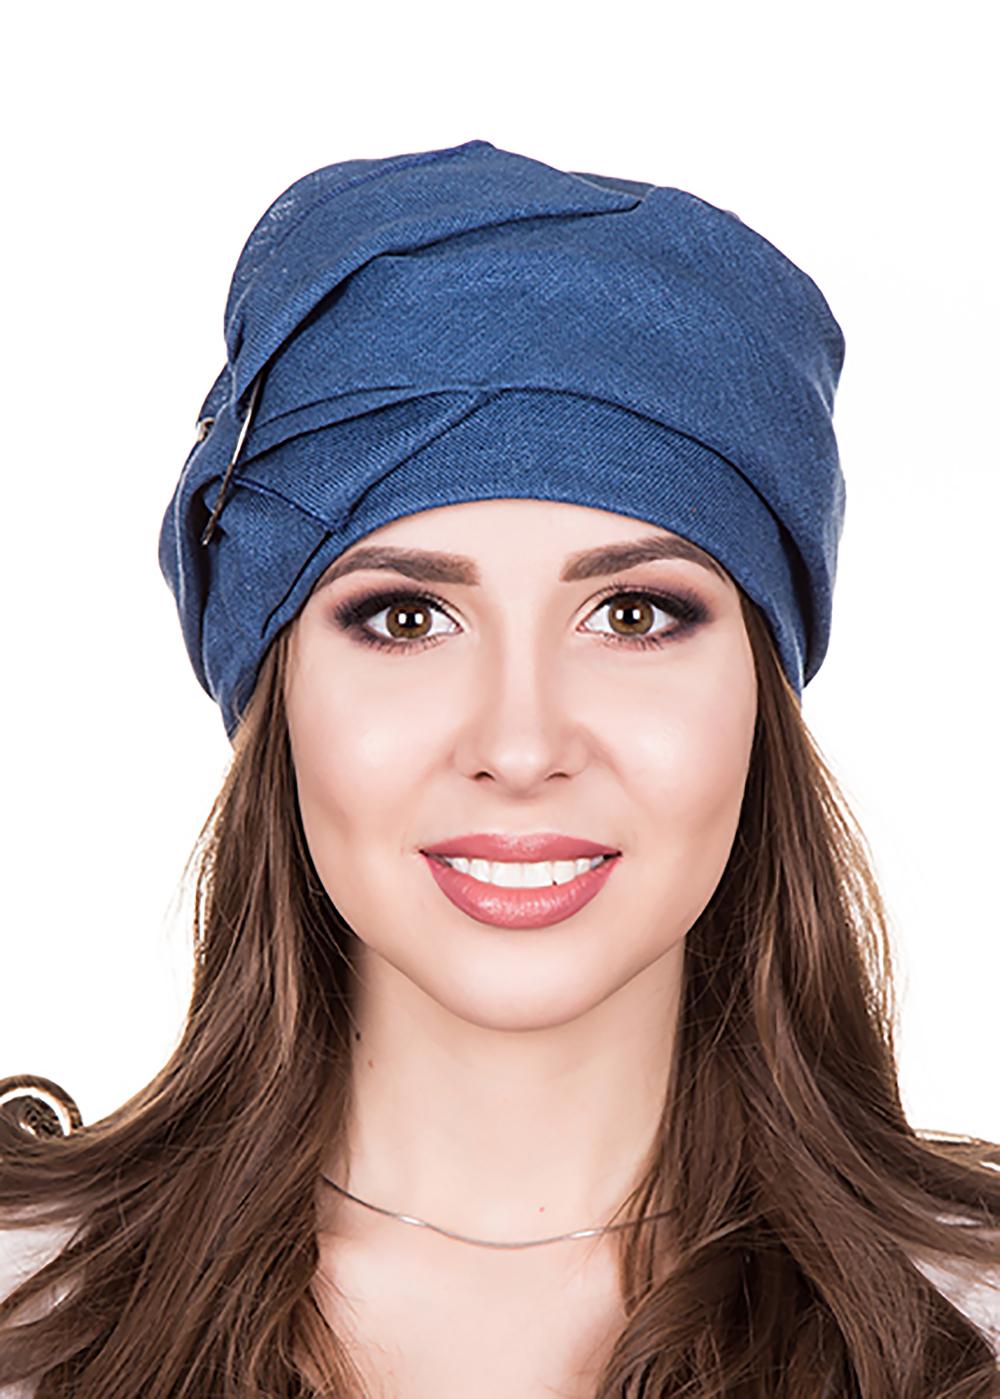 Бандана женская Level Pro Прада, цвет: синий. 412620. Размер 56/58 бандана 4fun 4fun thermal pro wolf blue синий